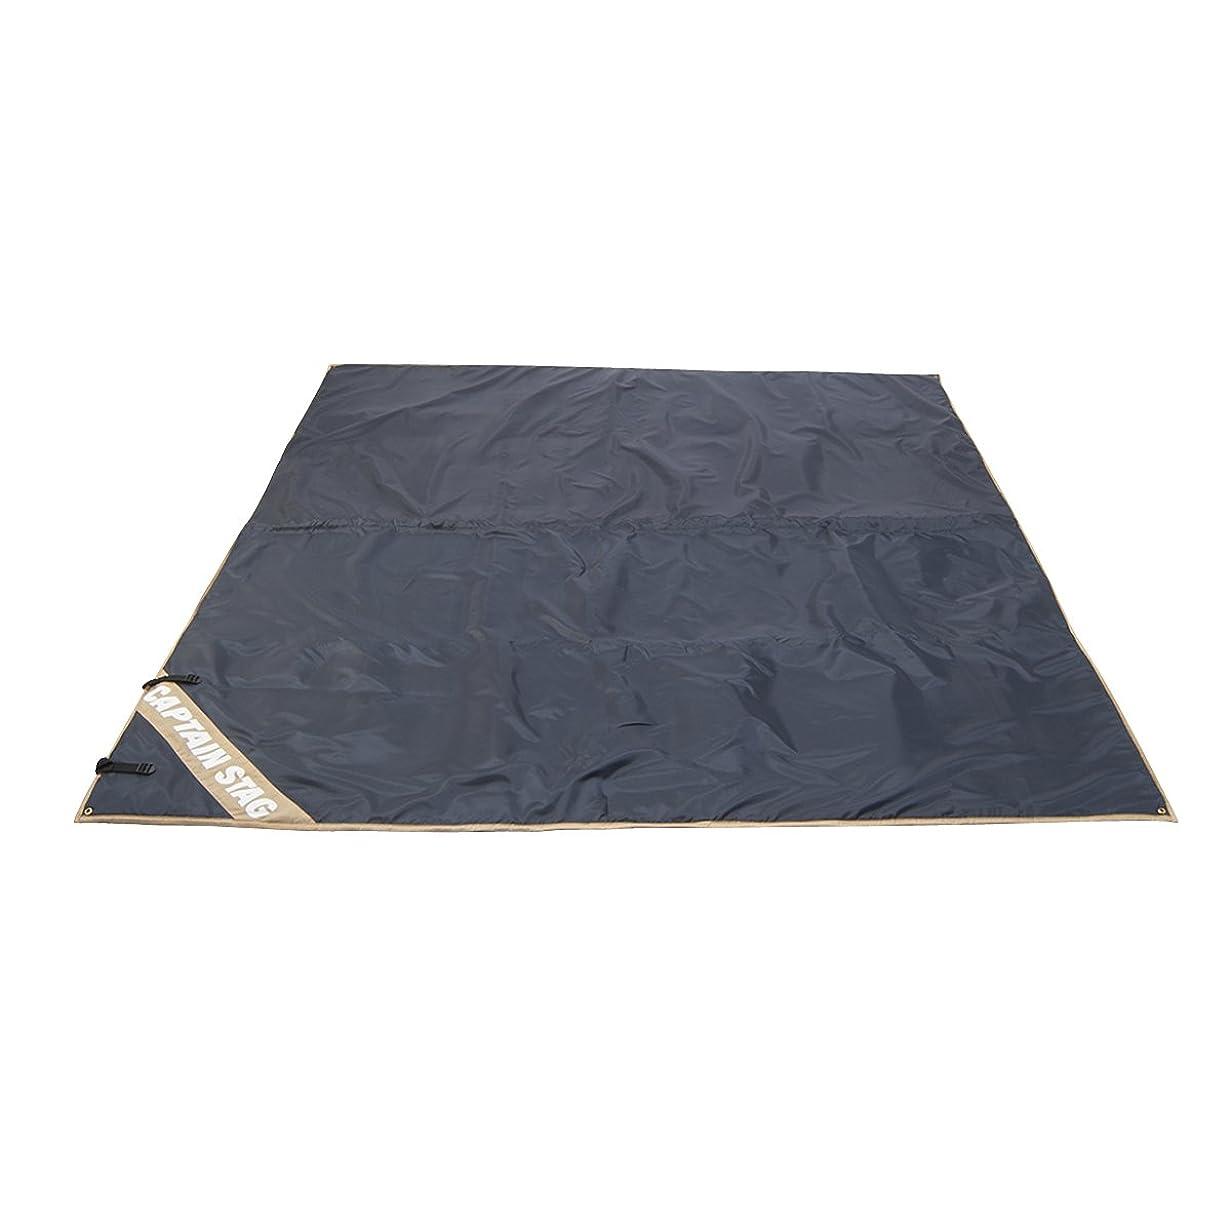 リース帝国主義詩キャプテンスタッグ(CAPTAIN STAG) テント フロア マット 床 シート 保温M-3305